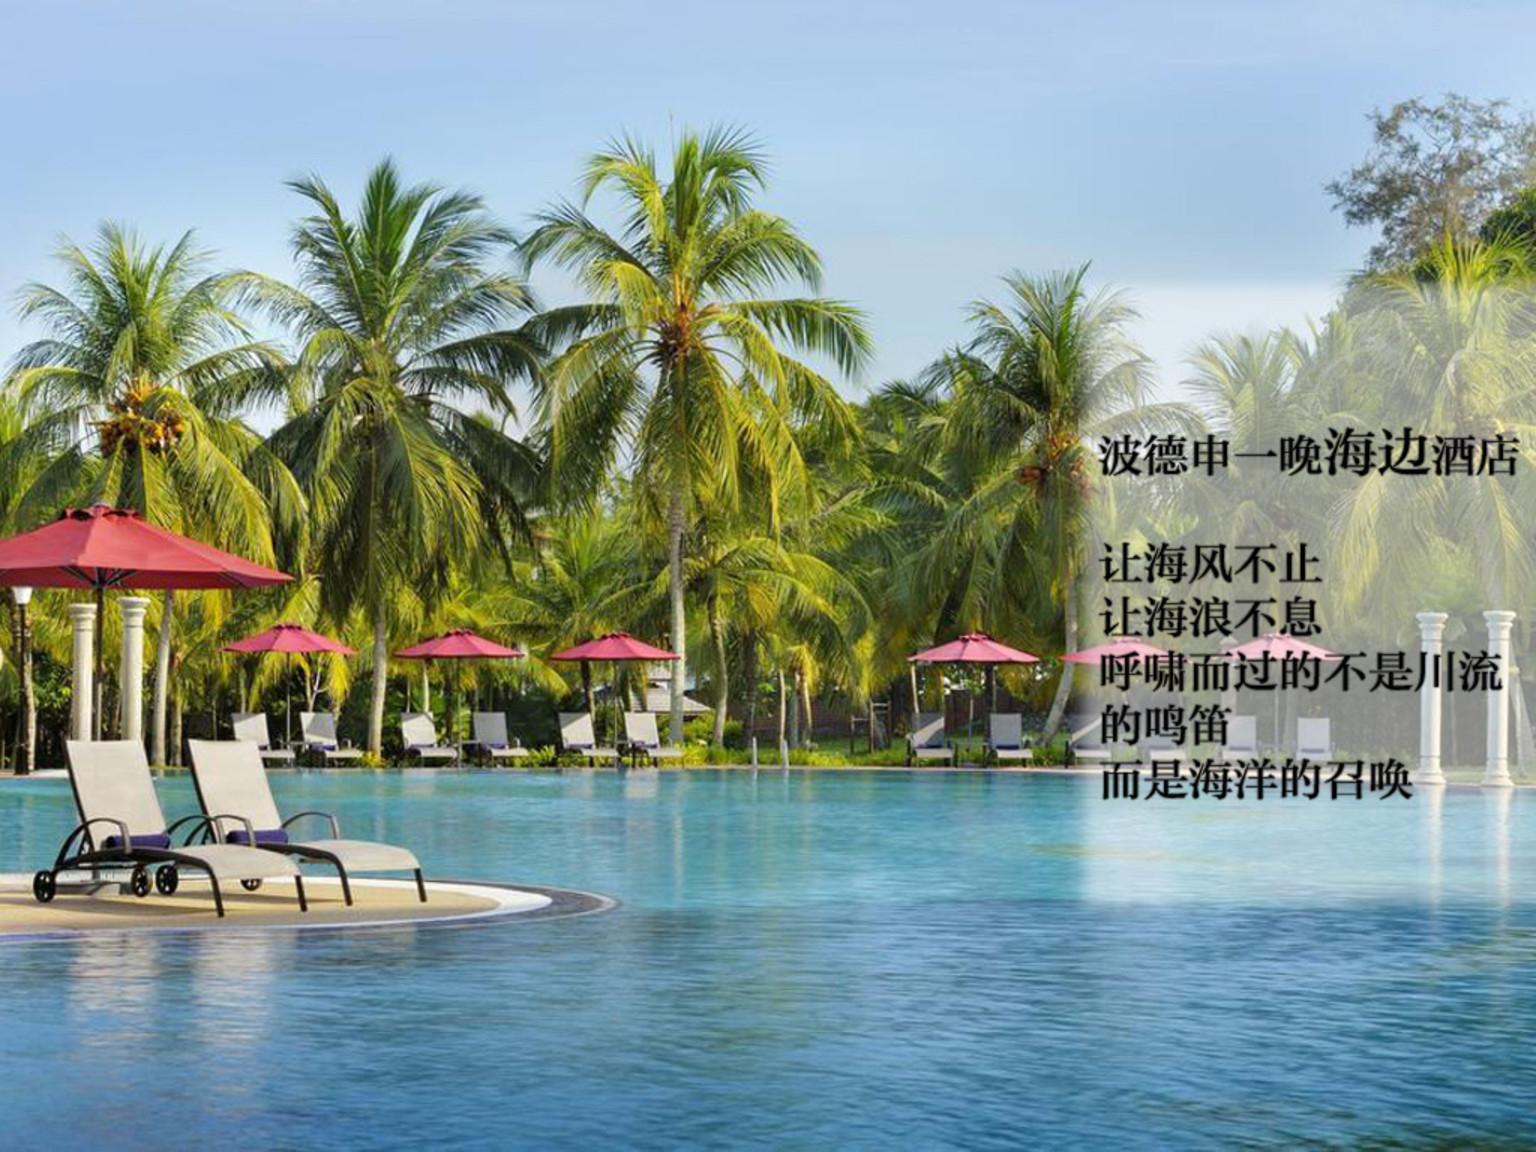 新加坡-马来西亚5或6日游>升级1晚波德申海边酒店,玩转新马景点,远眺